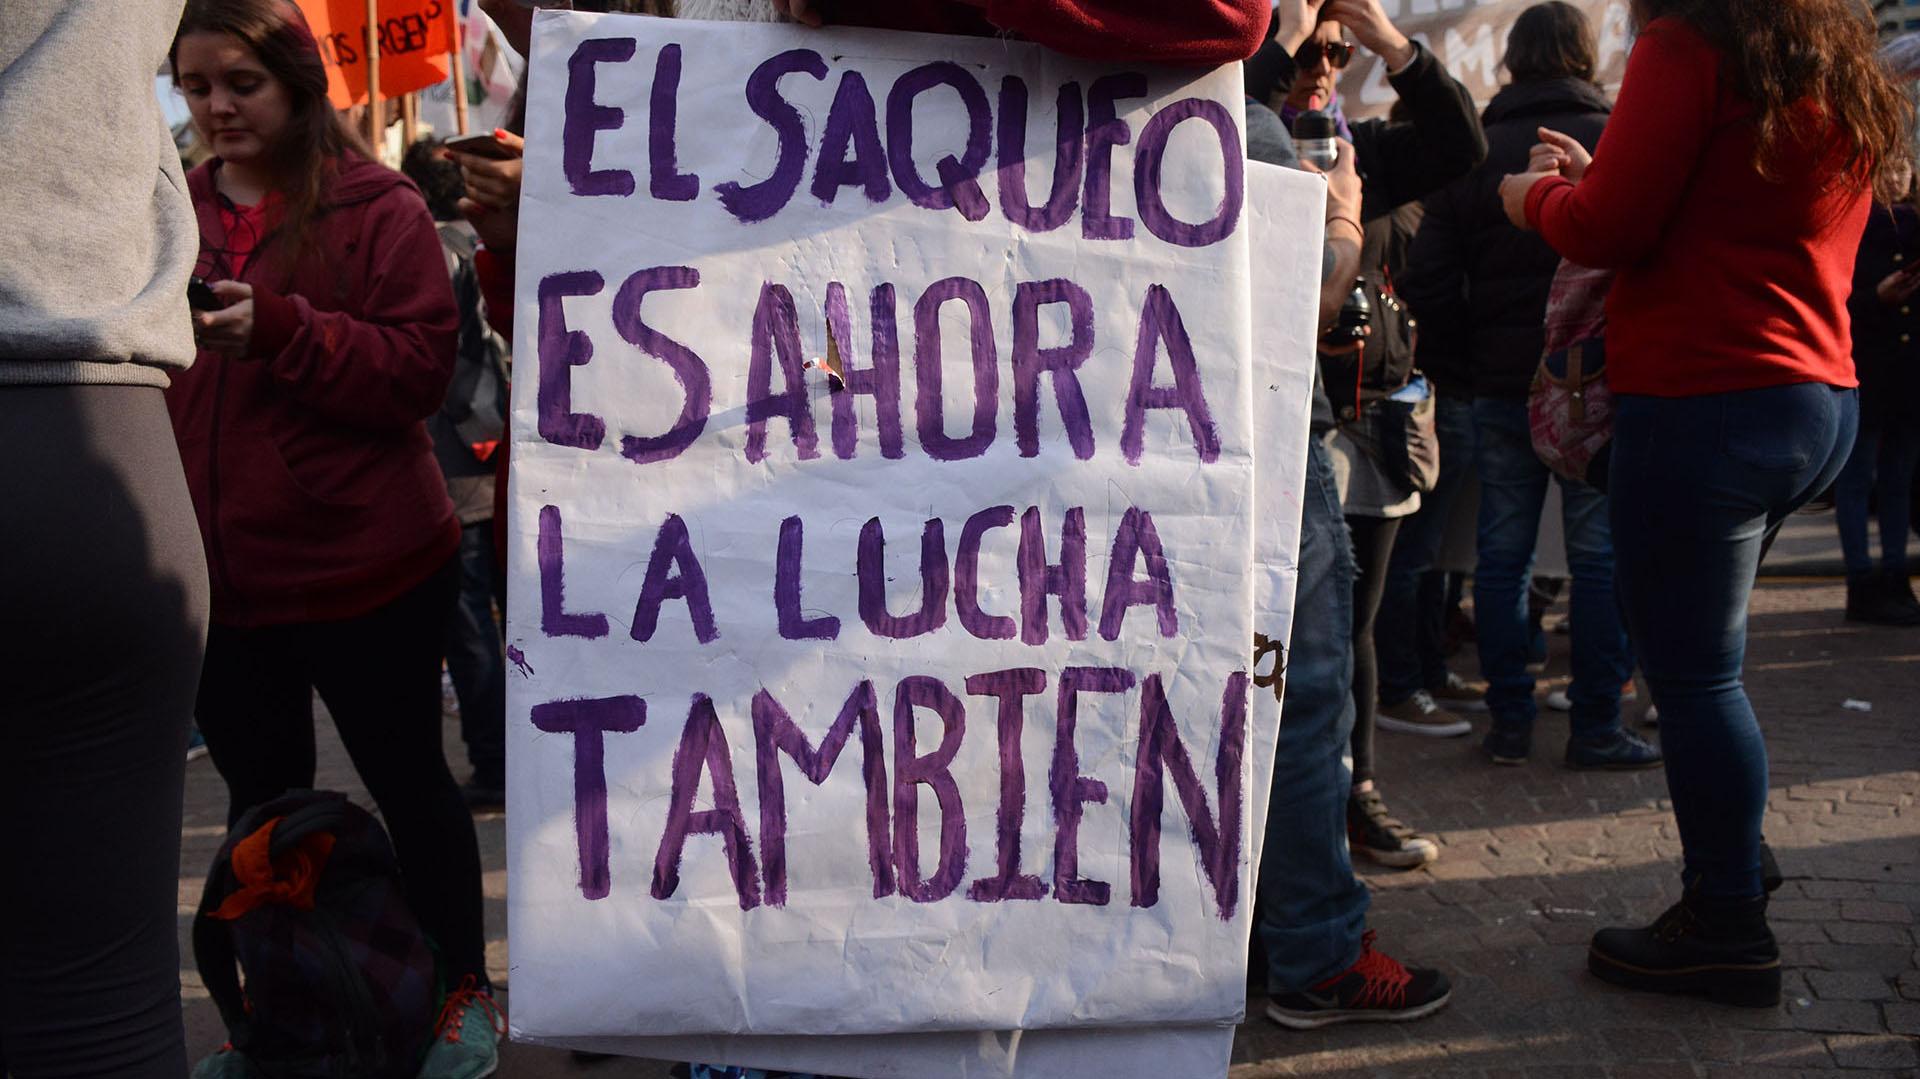 Los manifestantes marcharon con carteles y banderas con críticas al gobierno nacional